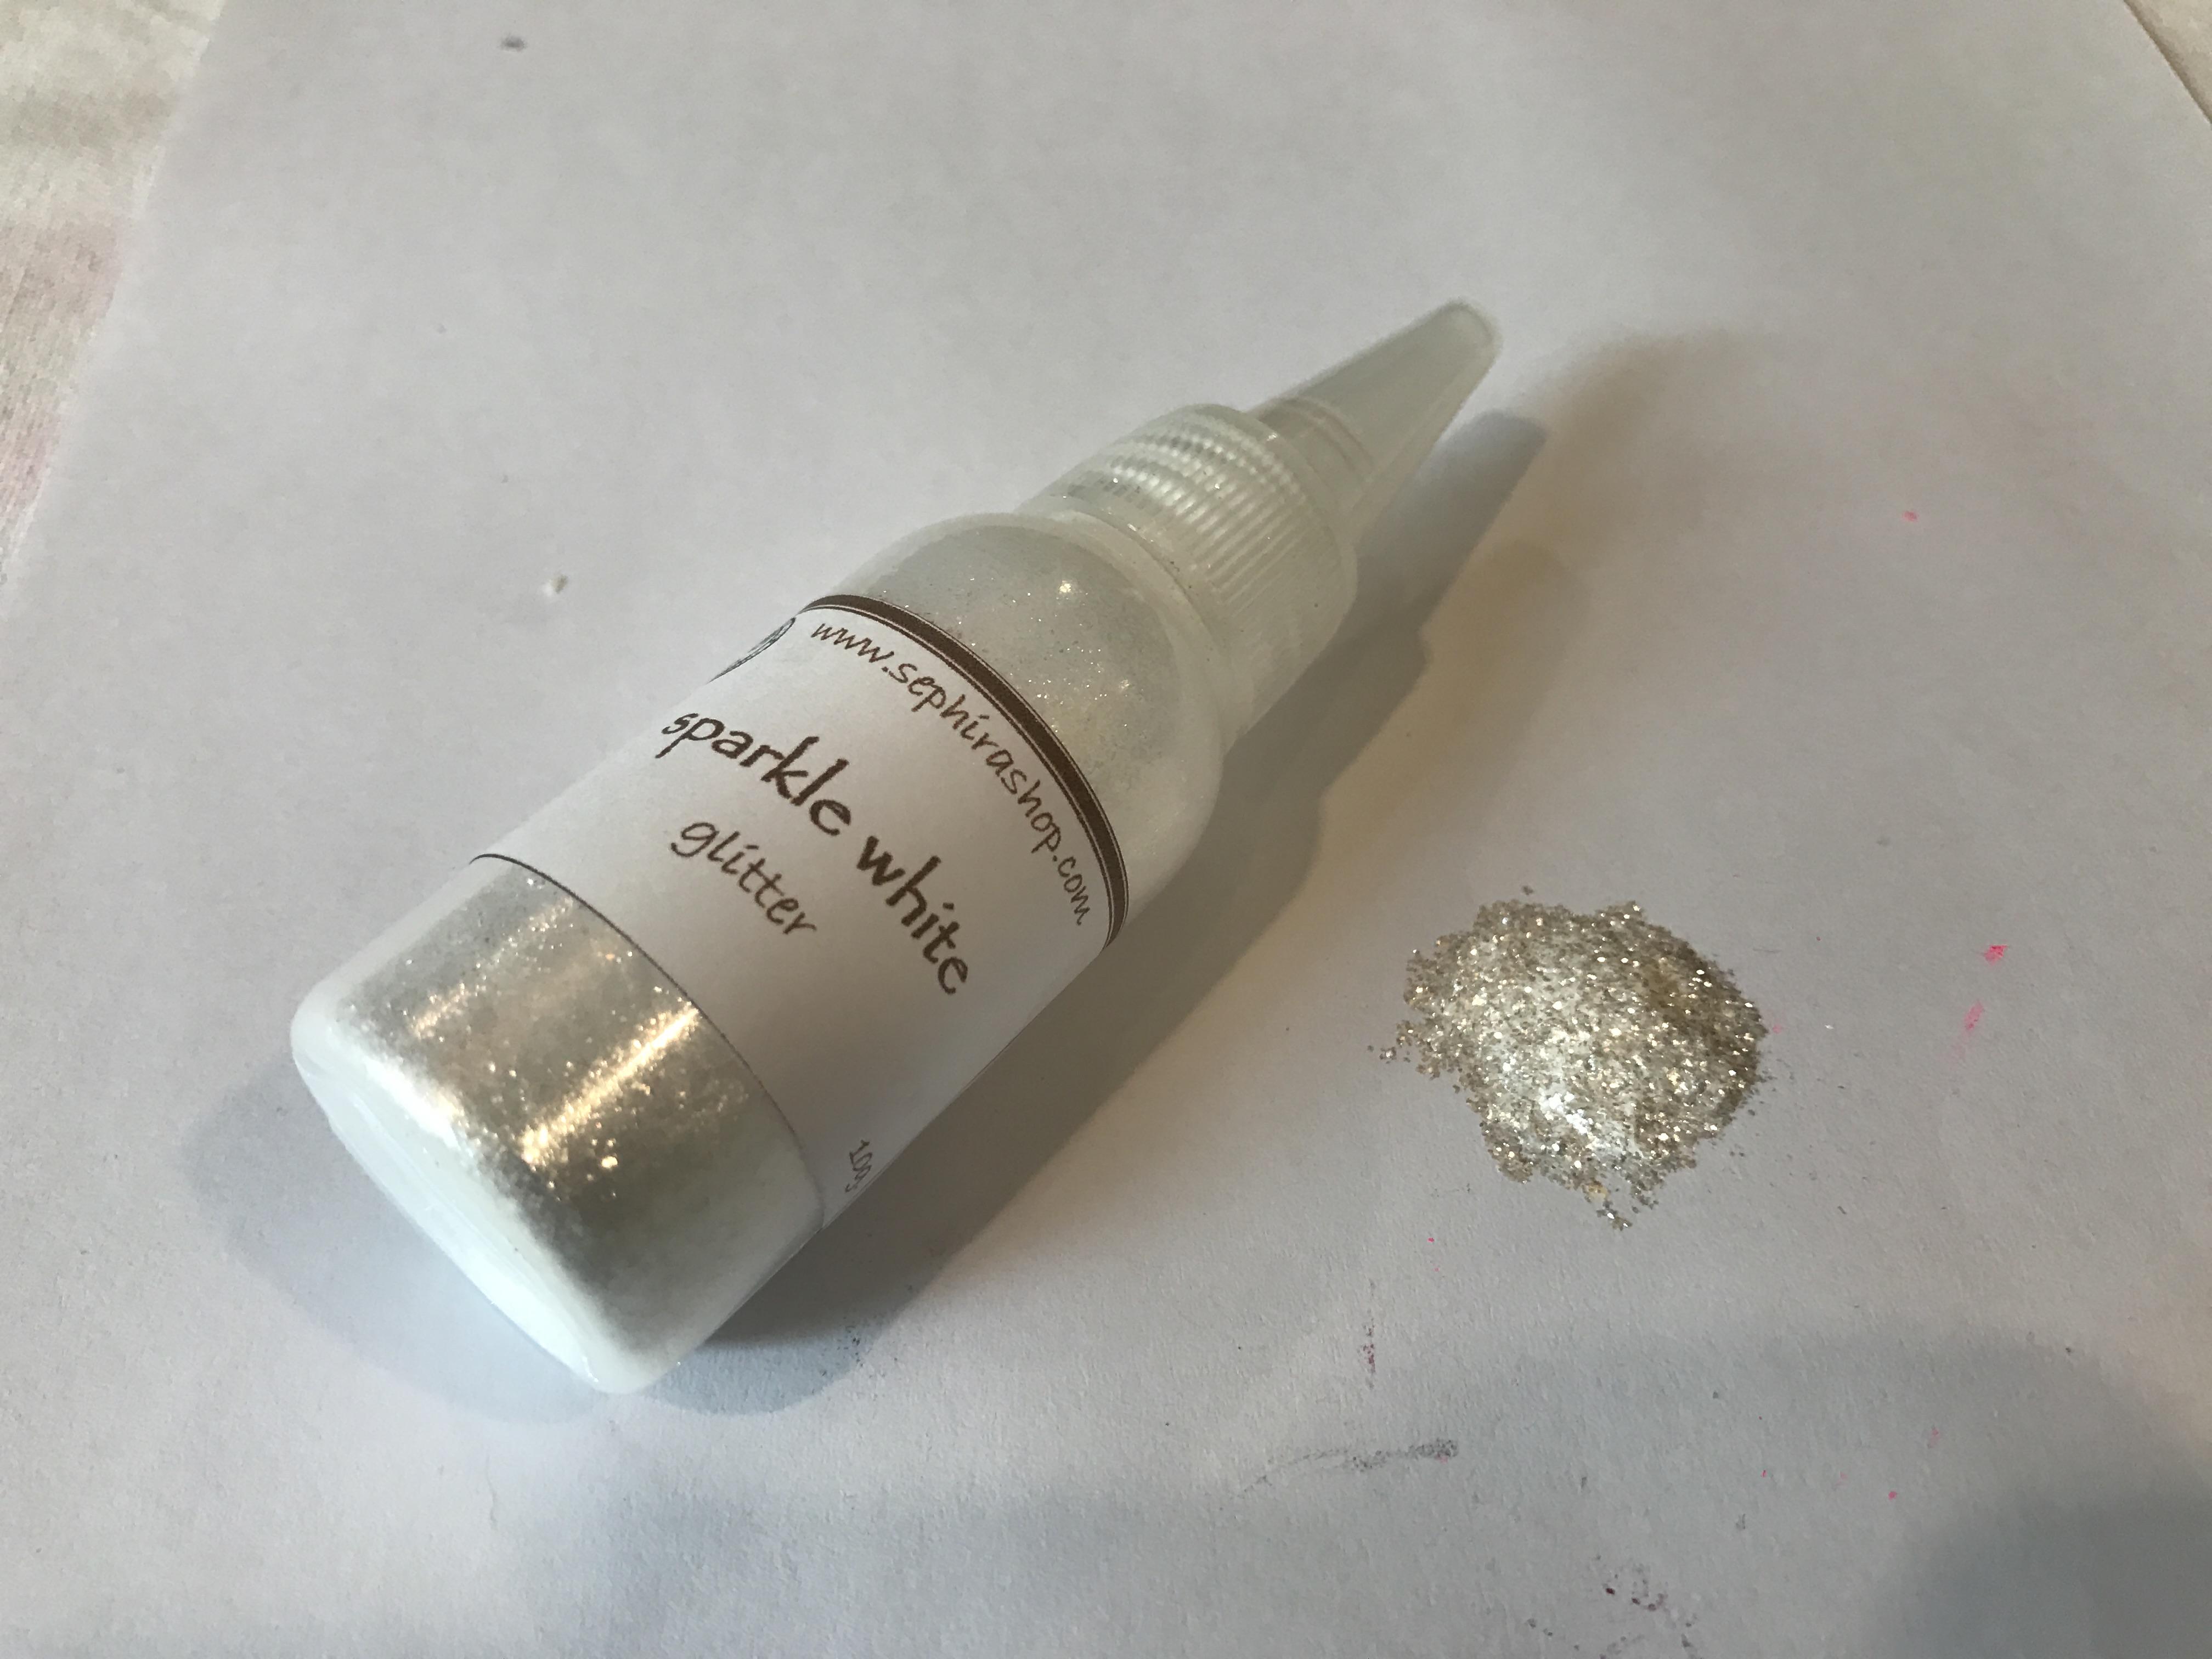 Sparkle White (Glitter) แววสีขาว